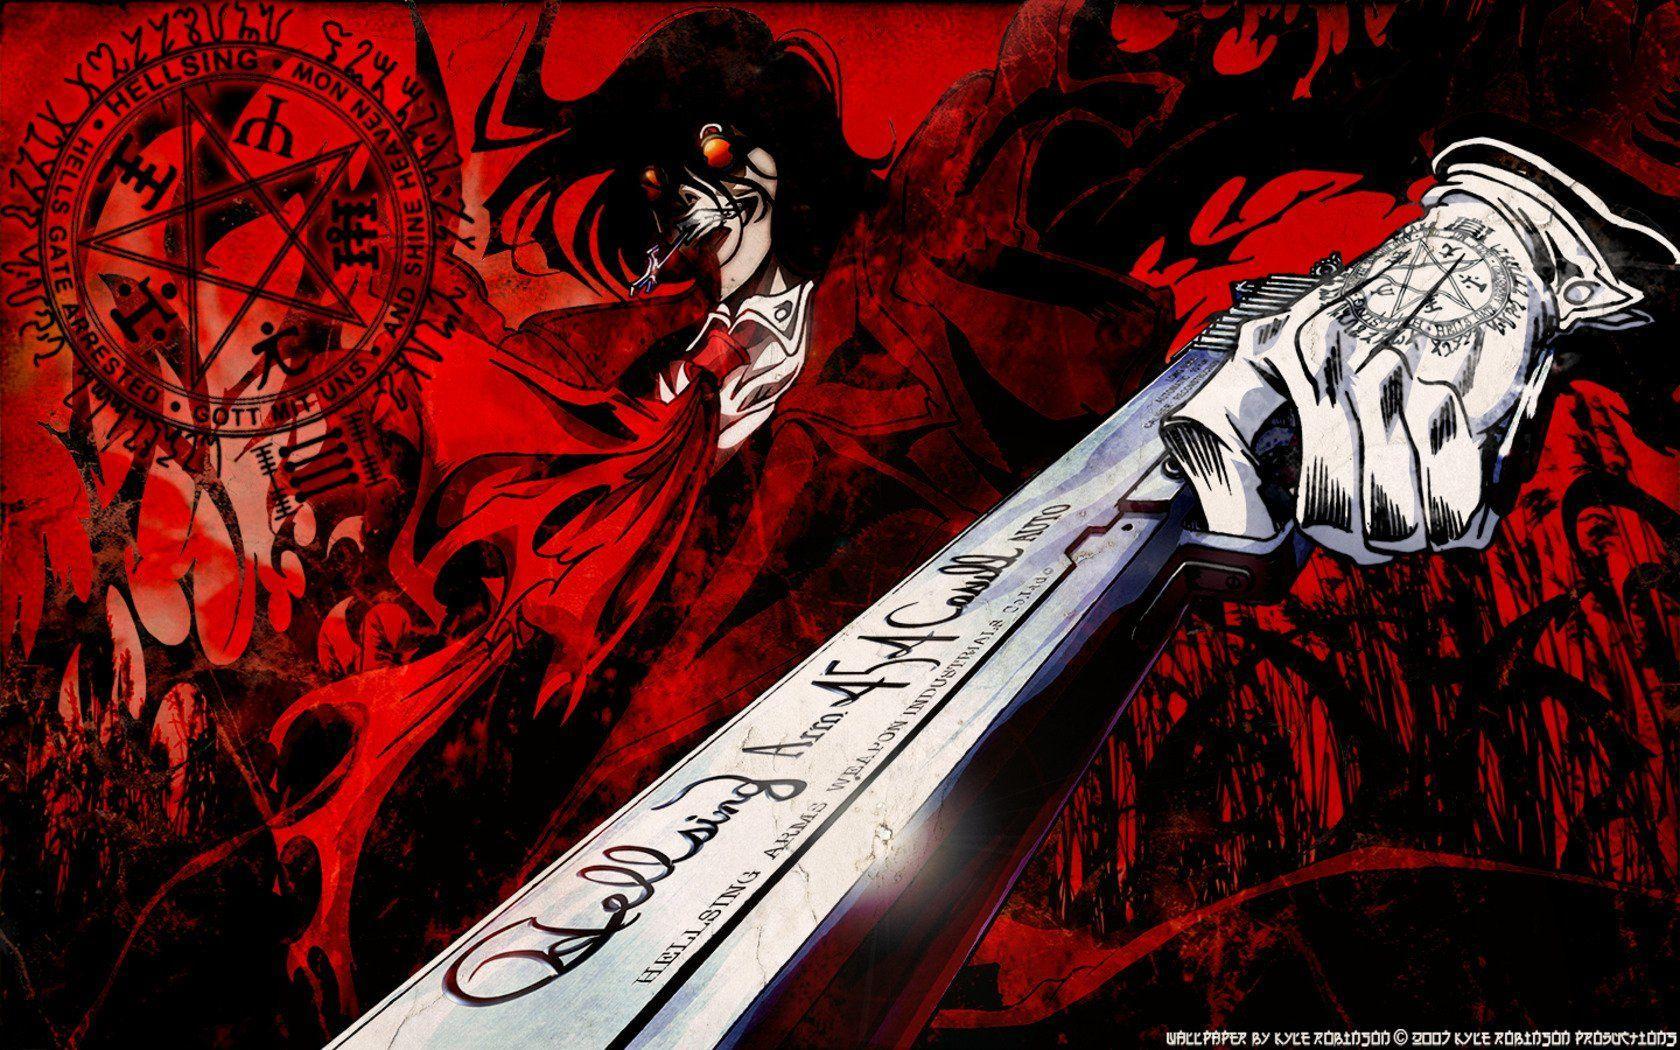 Hellsing Anime Wallpapers Top Free Hellsing Anime